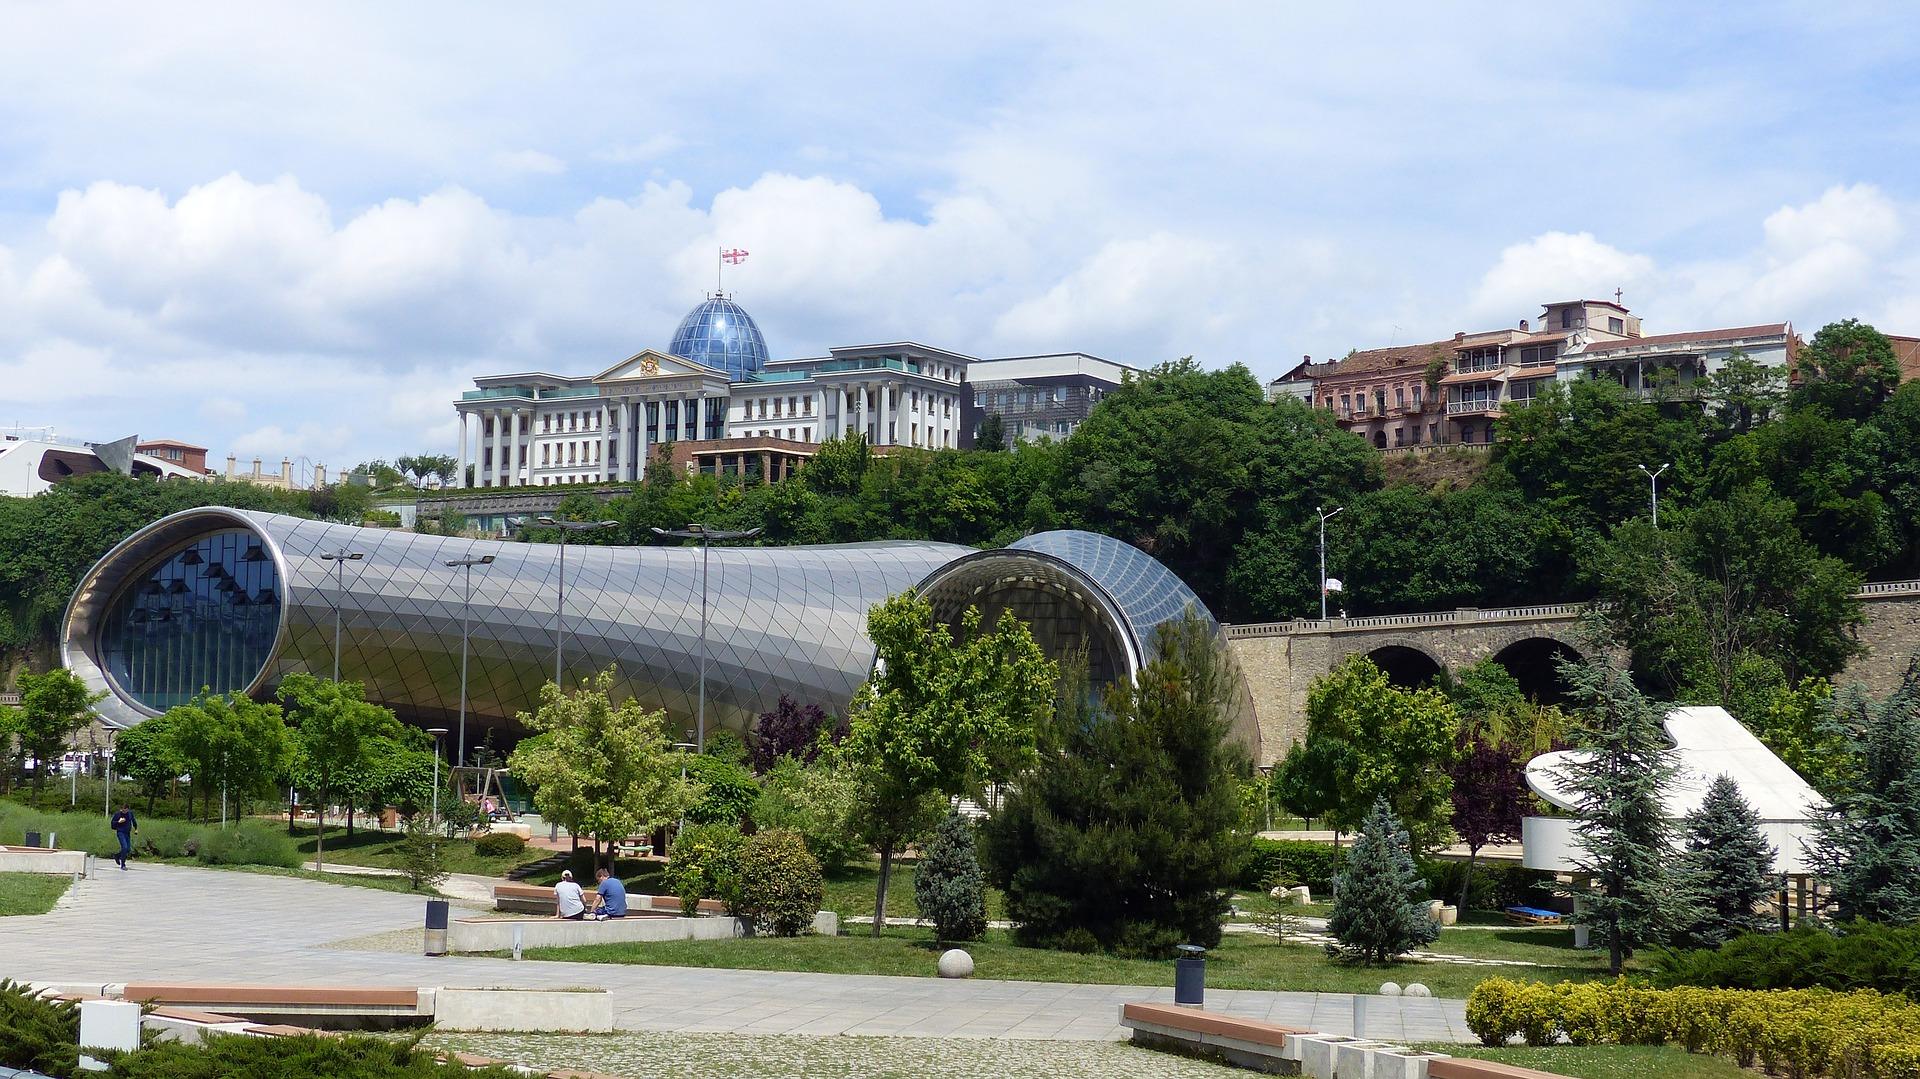 Открыть банковский счет в Грузии: актуальная информация на сентябрь 2020 года